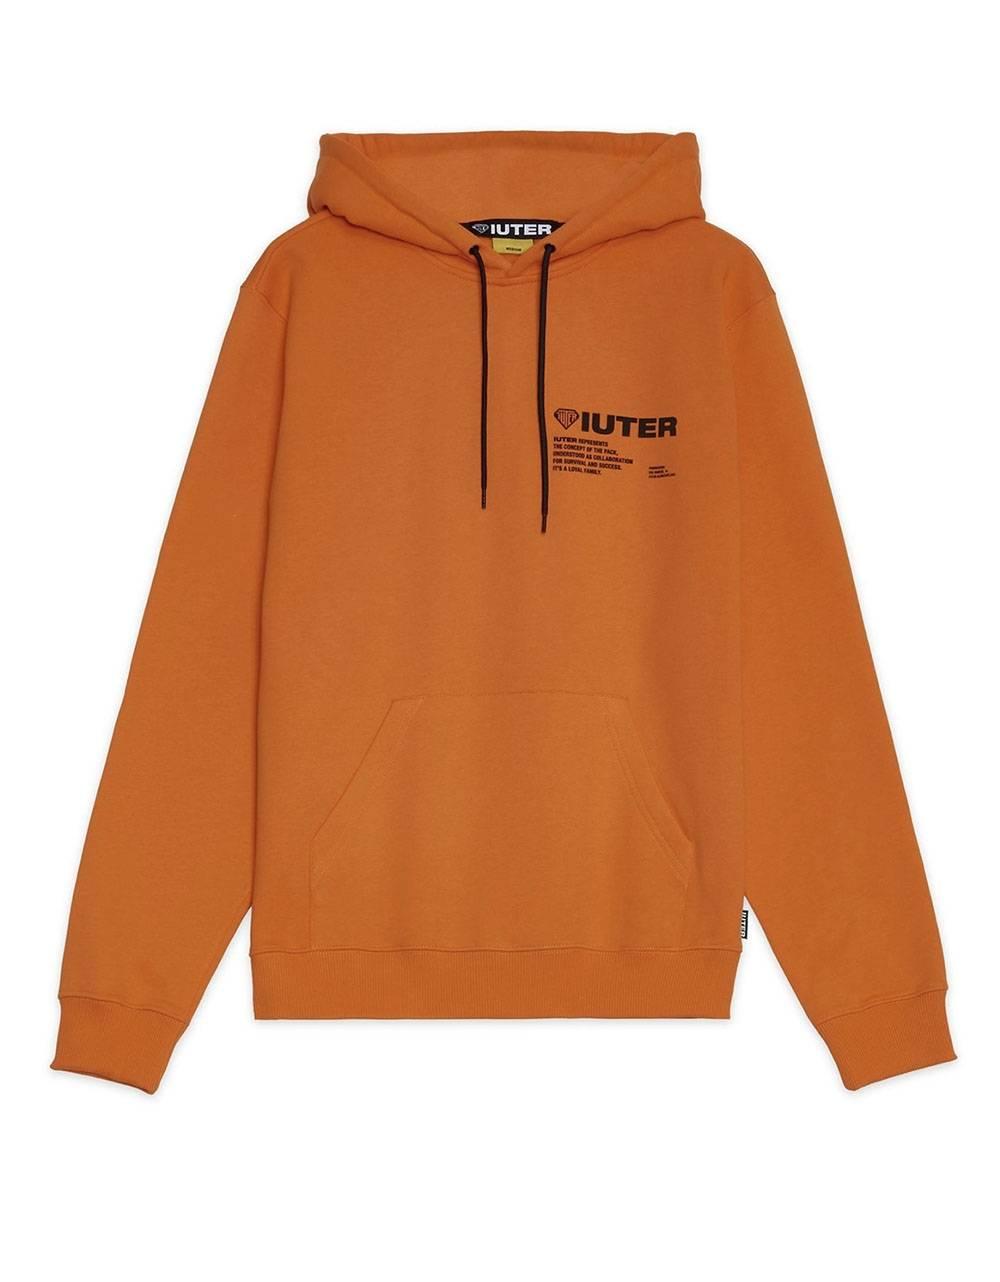 Iuter Info hoodie - Orange IUTER Sweater 77,87€